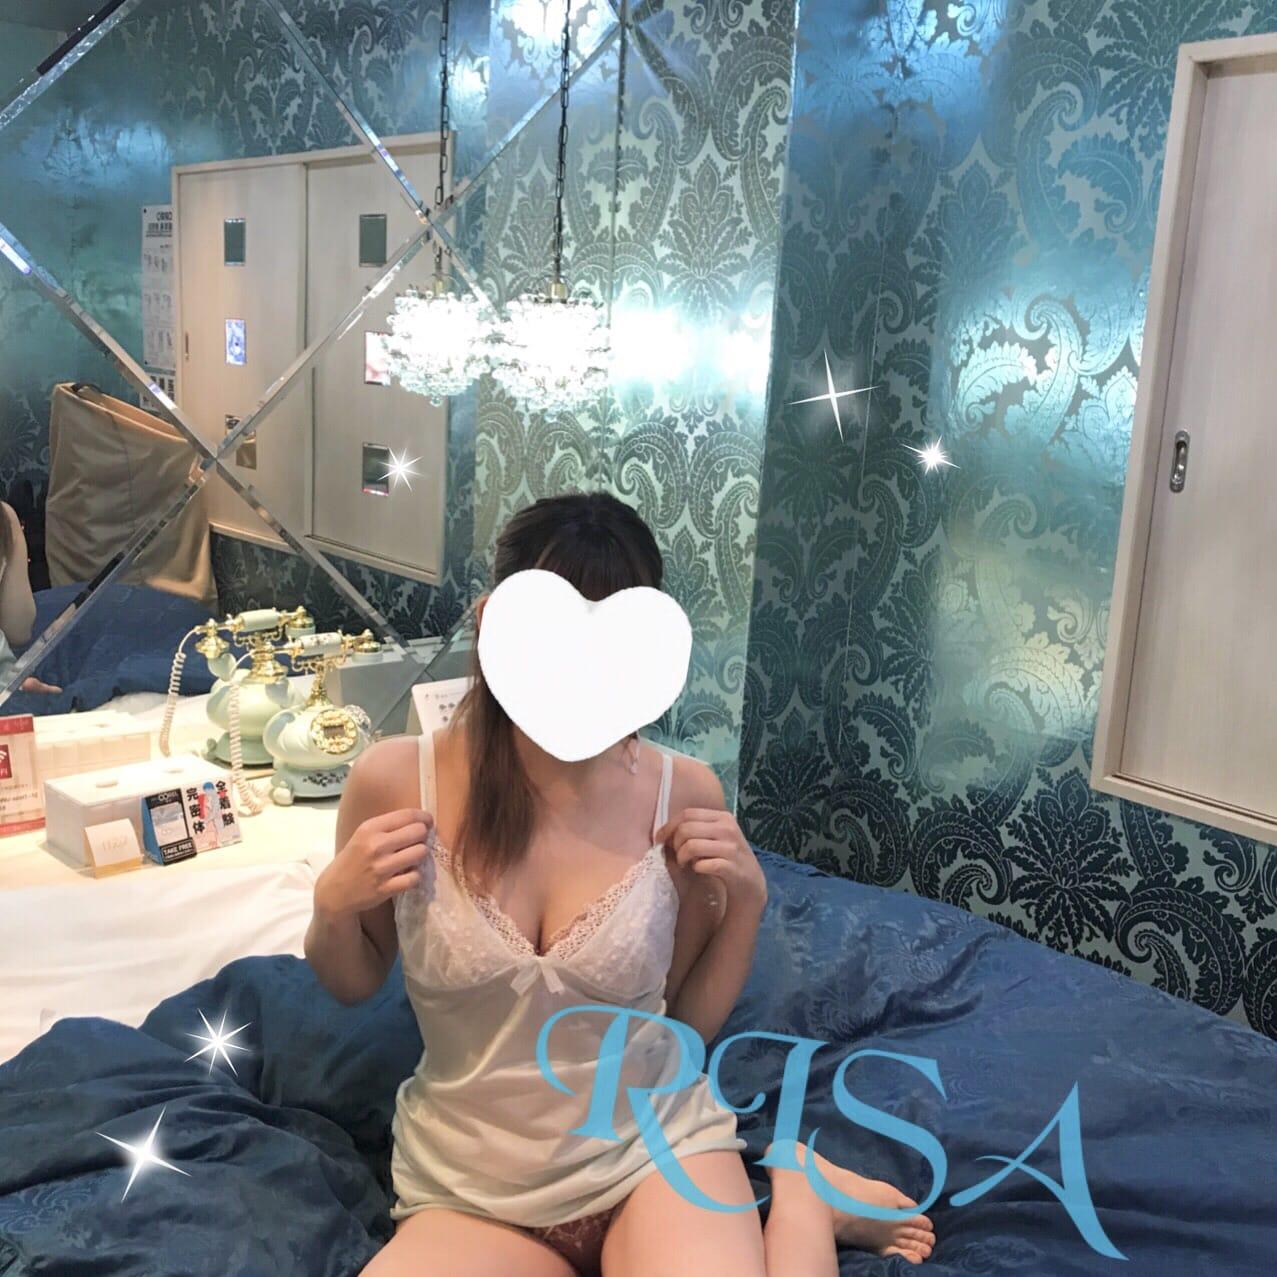 「明日から。。?」04/27(04/27) 23:45 | りさ キレカワ系の高身長美少女の写メ・風俗動画